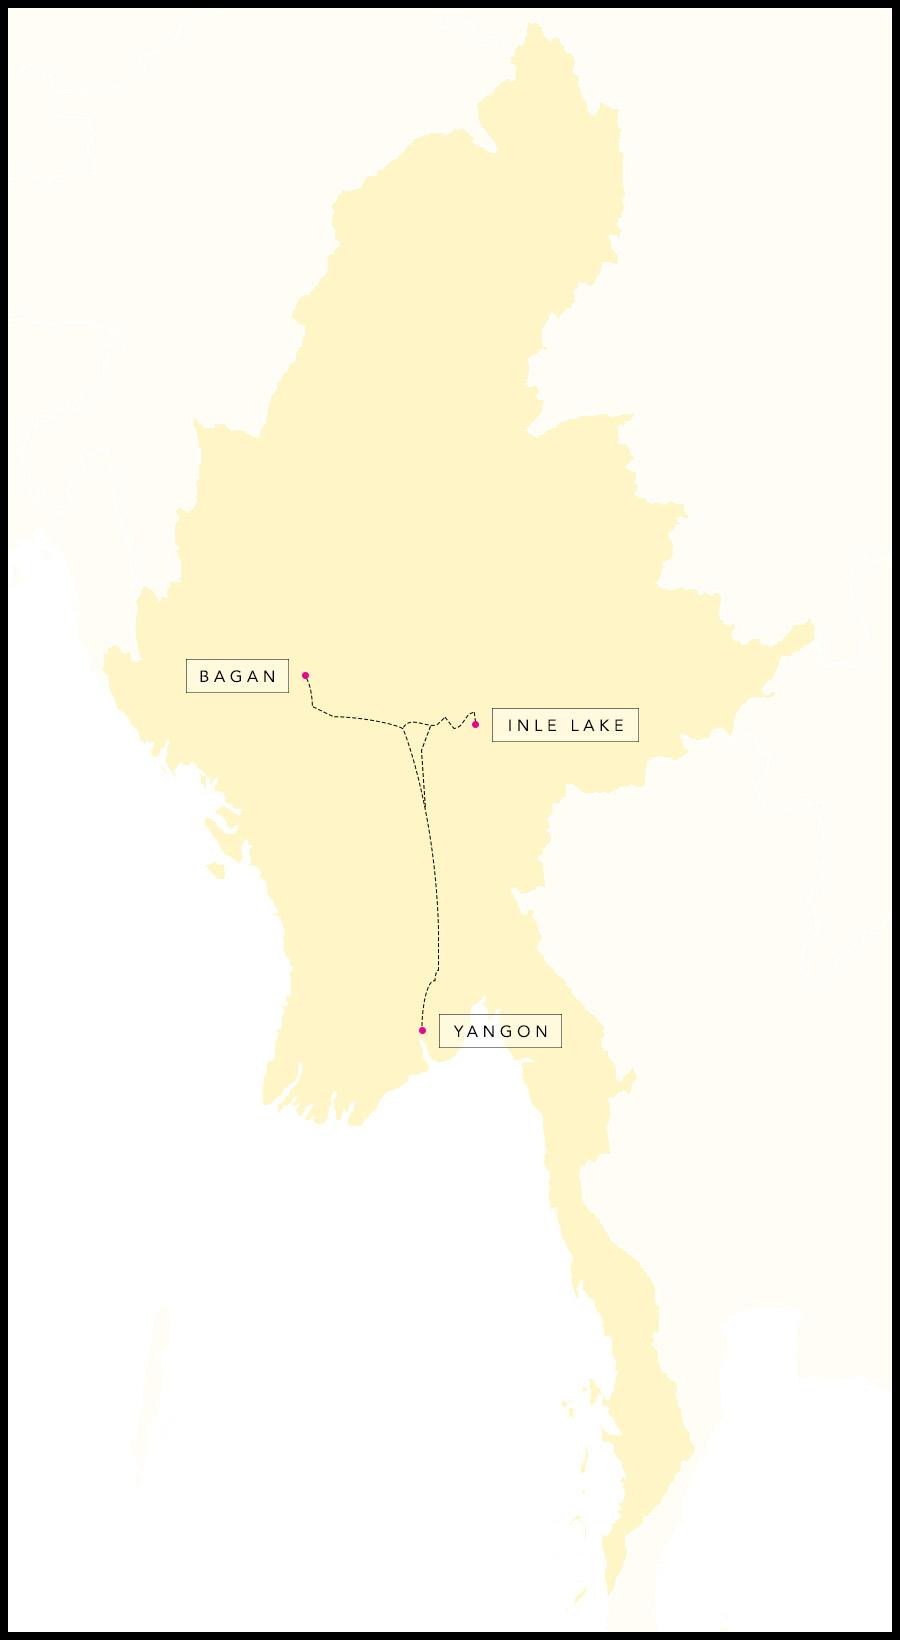 Alex & Madie's travel route in Myanmar.